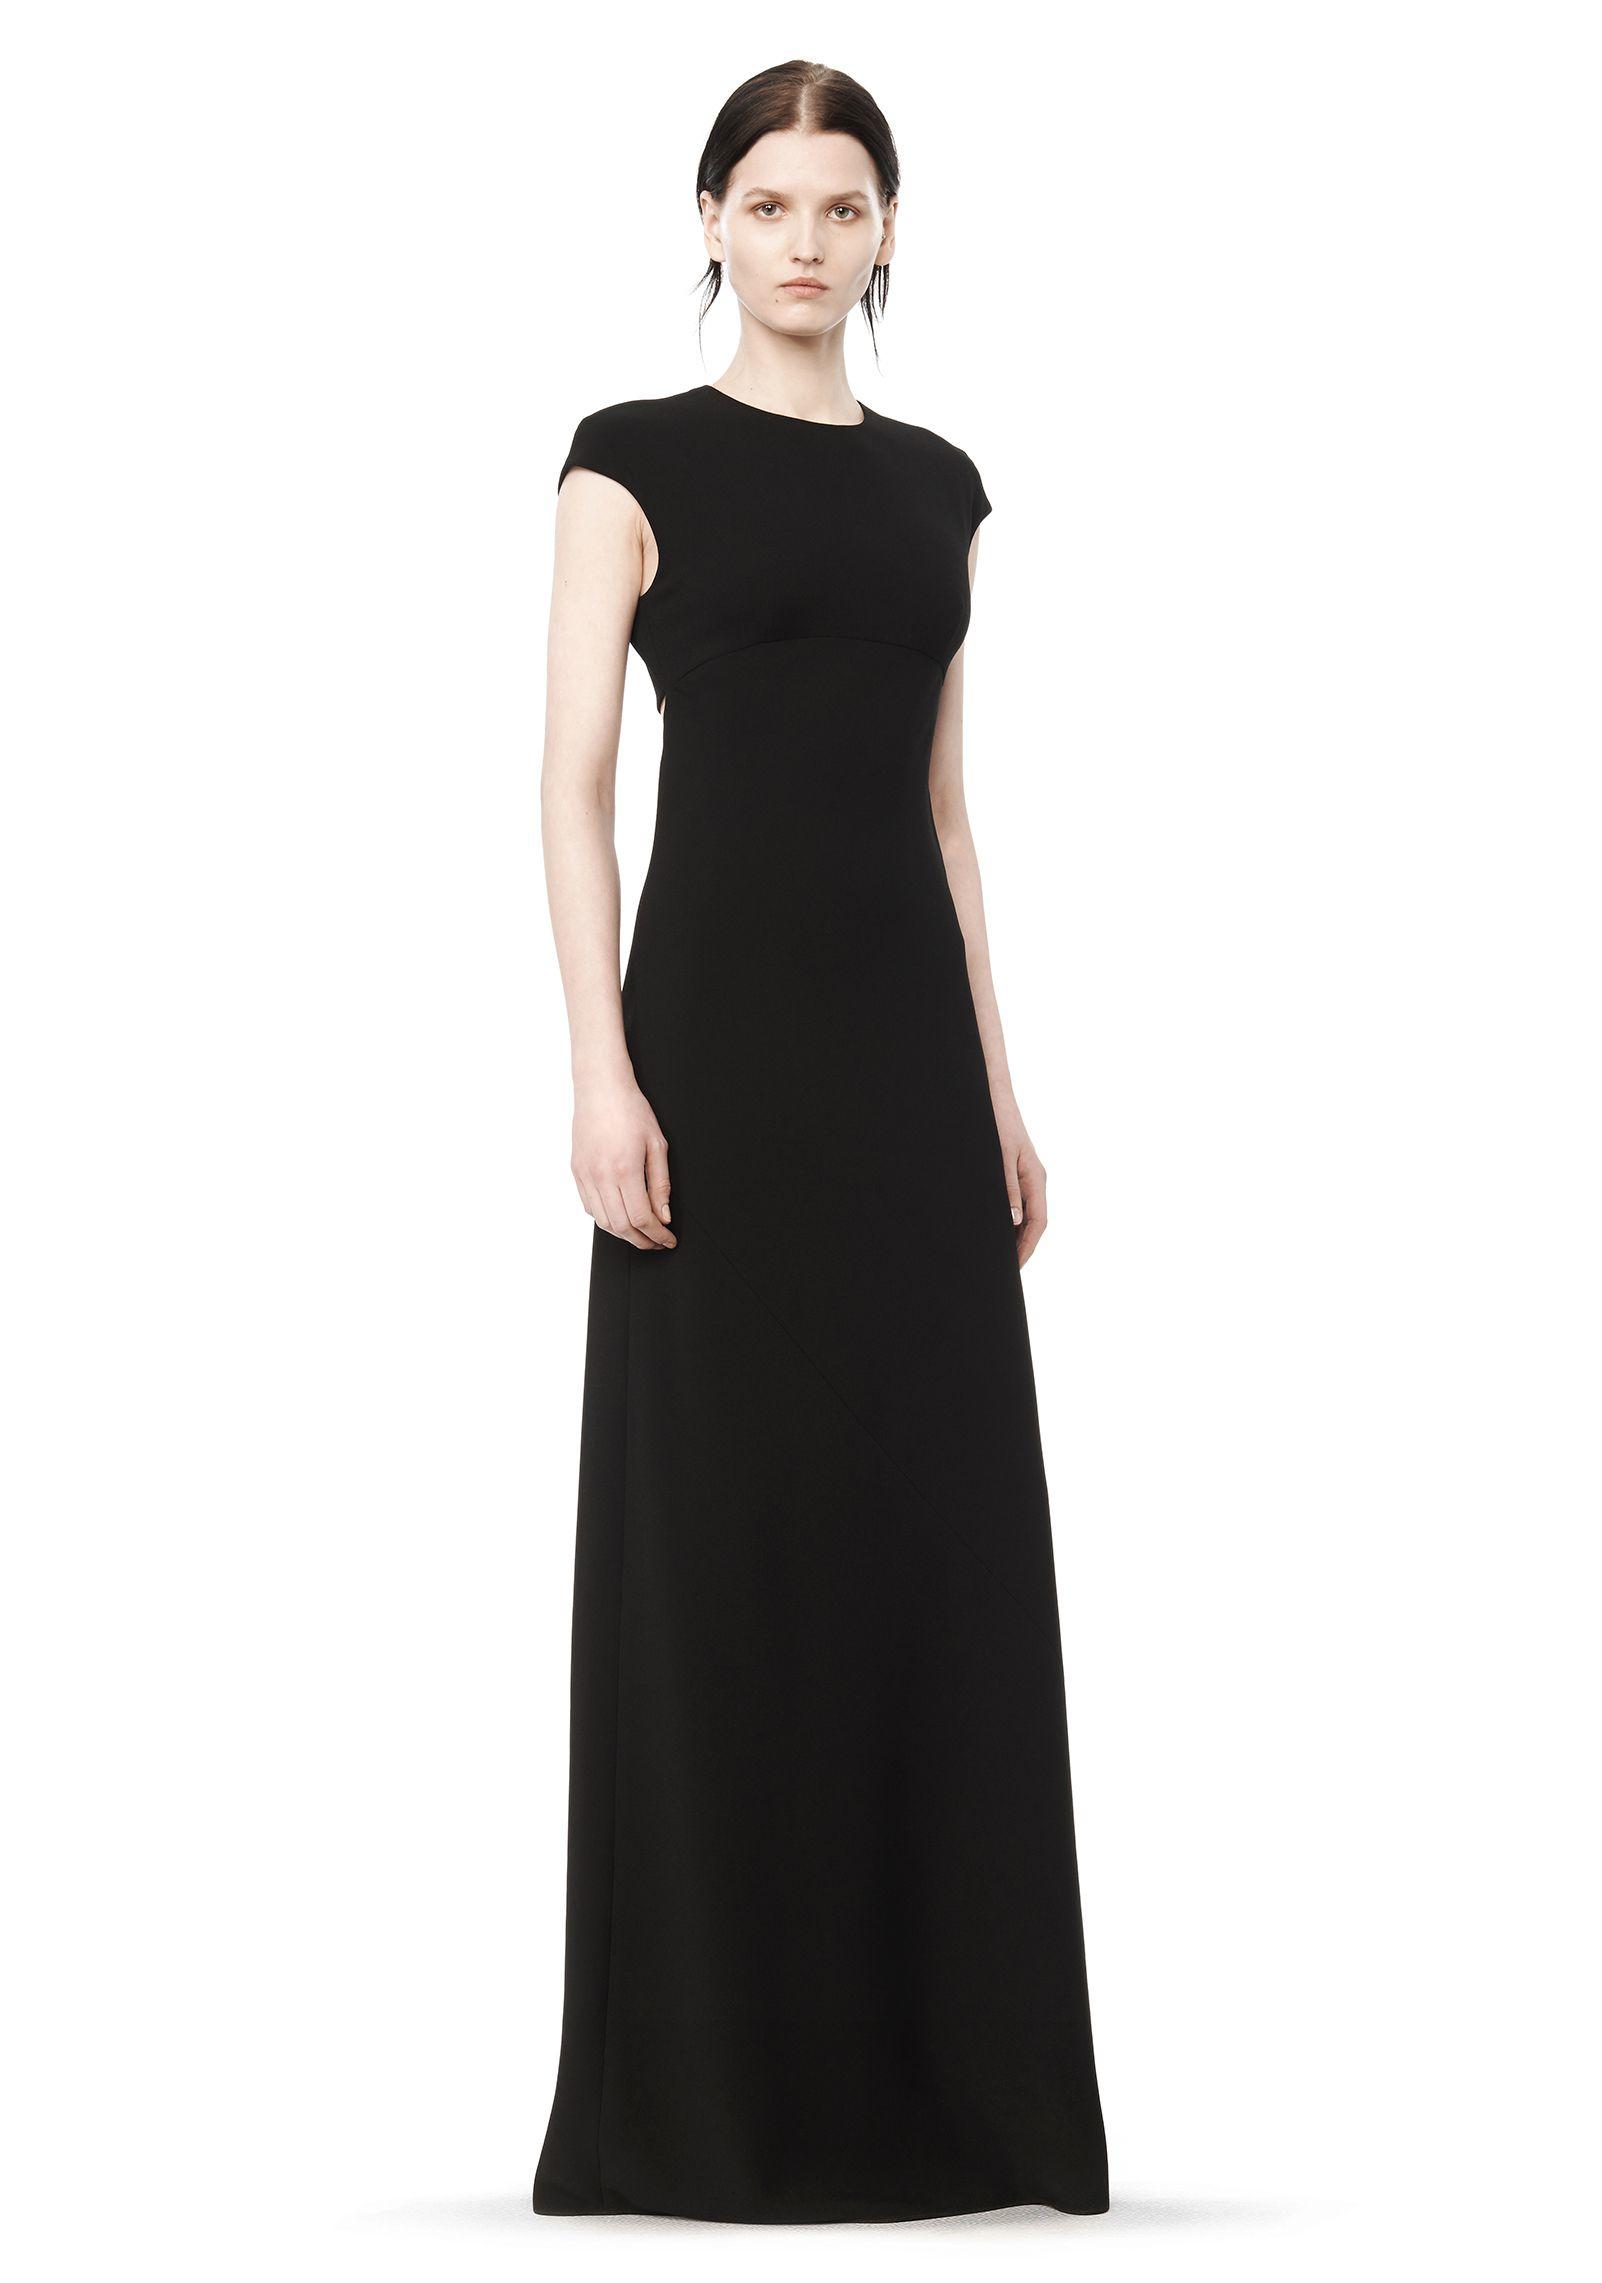 T by alexander wang Open-Back Maxi Dress in Black | Lyst